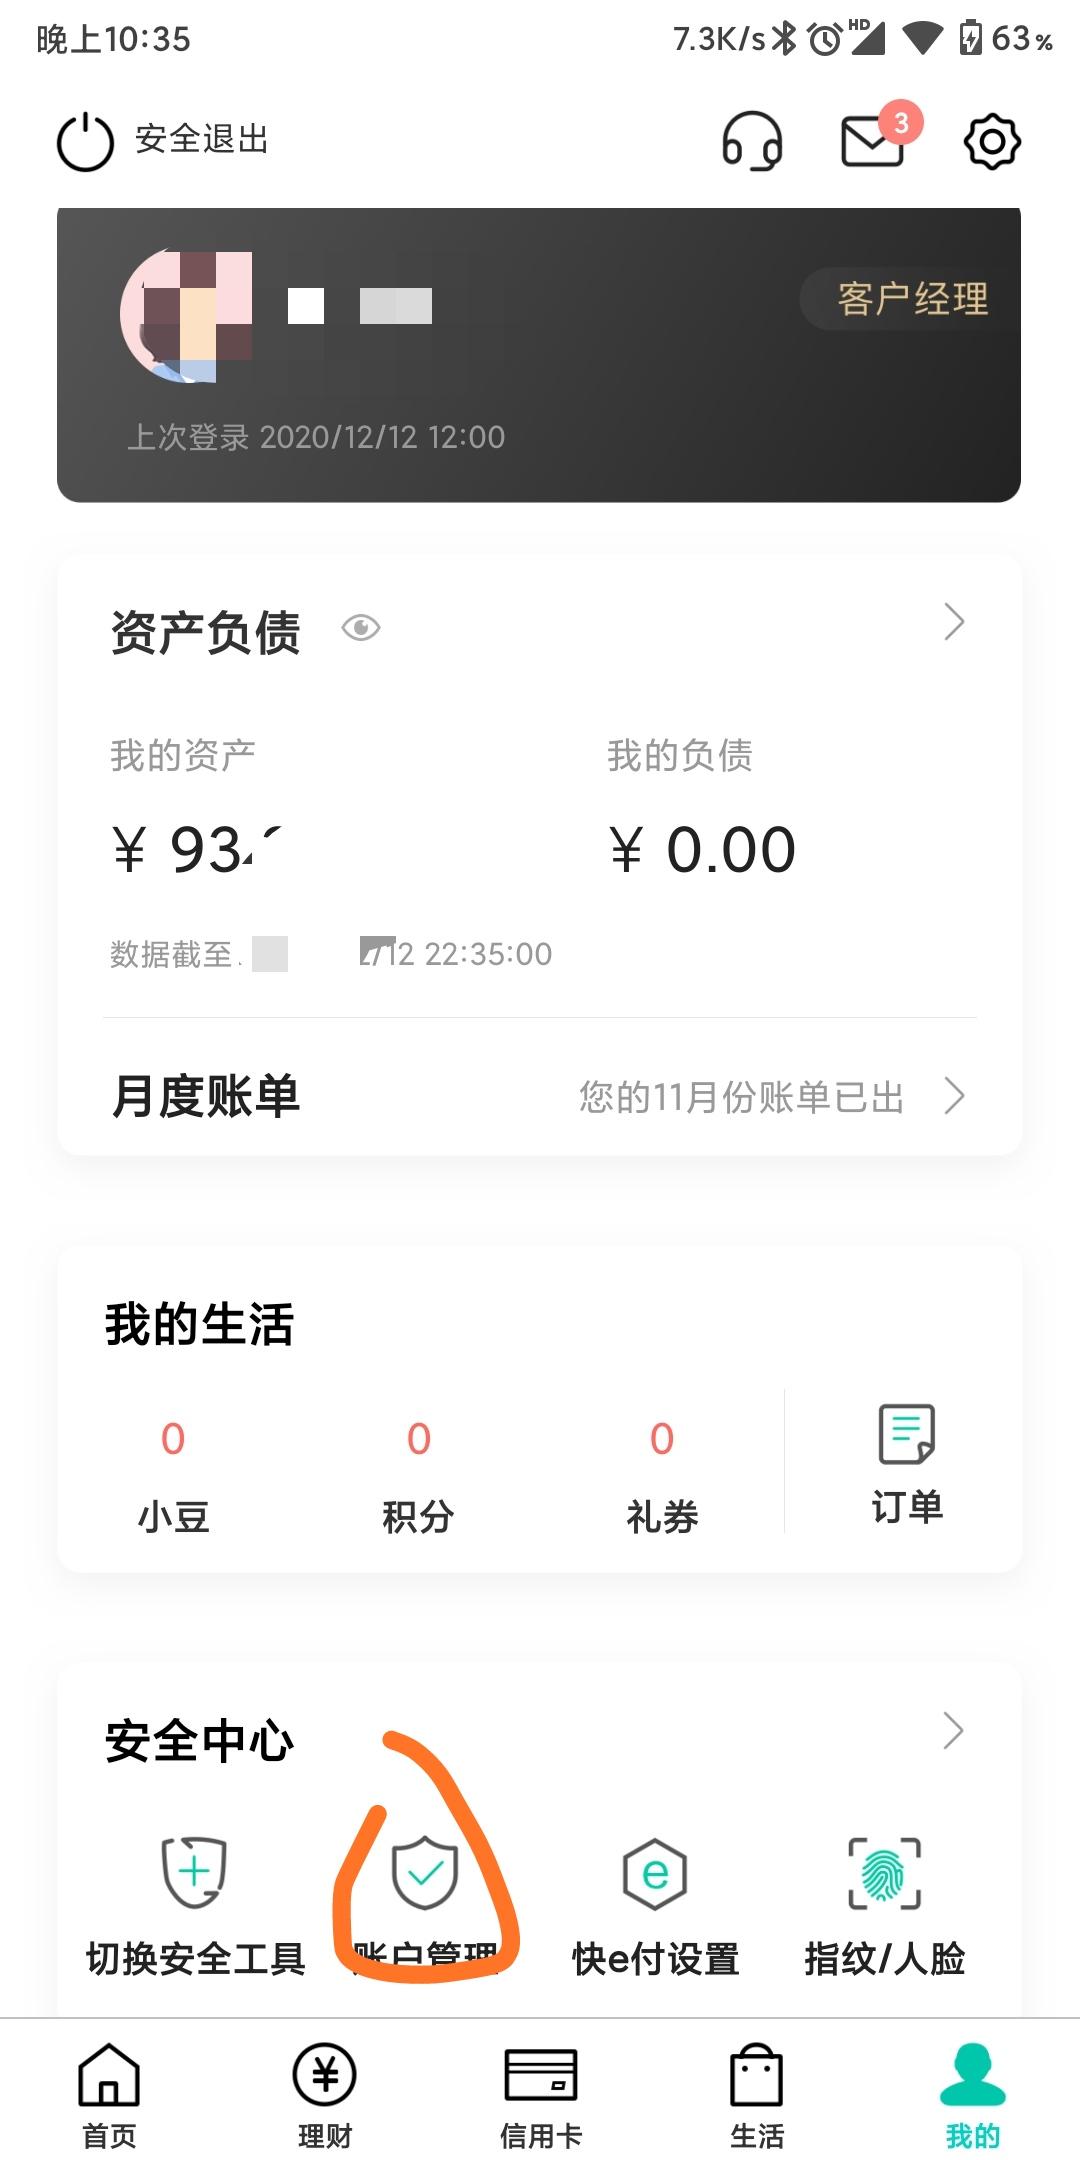 白嫖面值30元京东e卡-聚合资源网